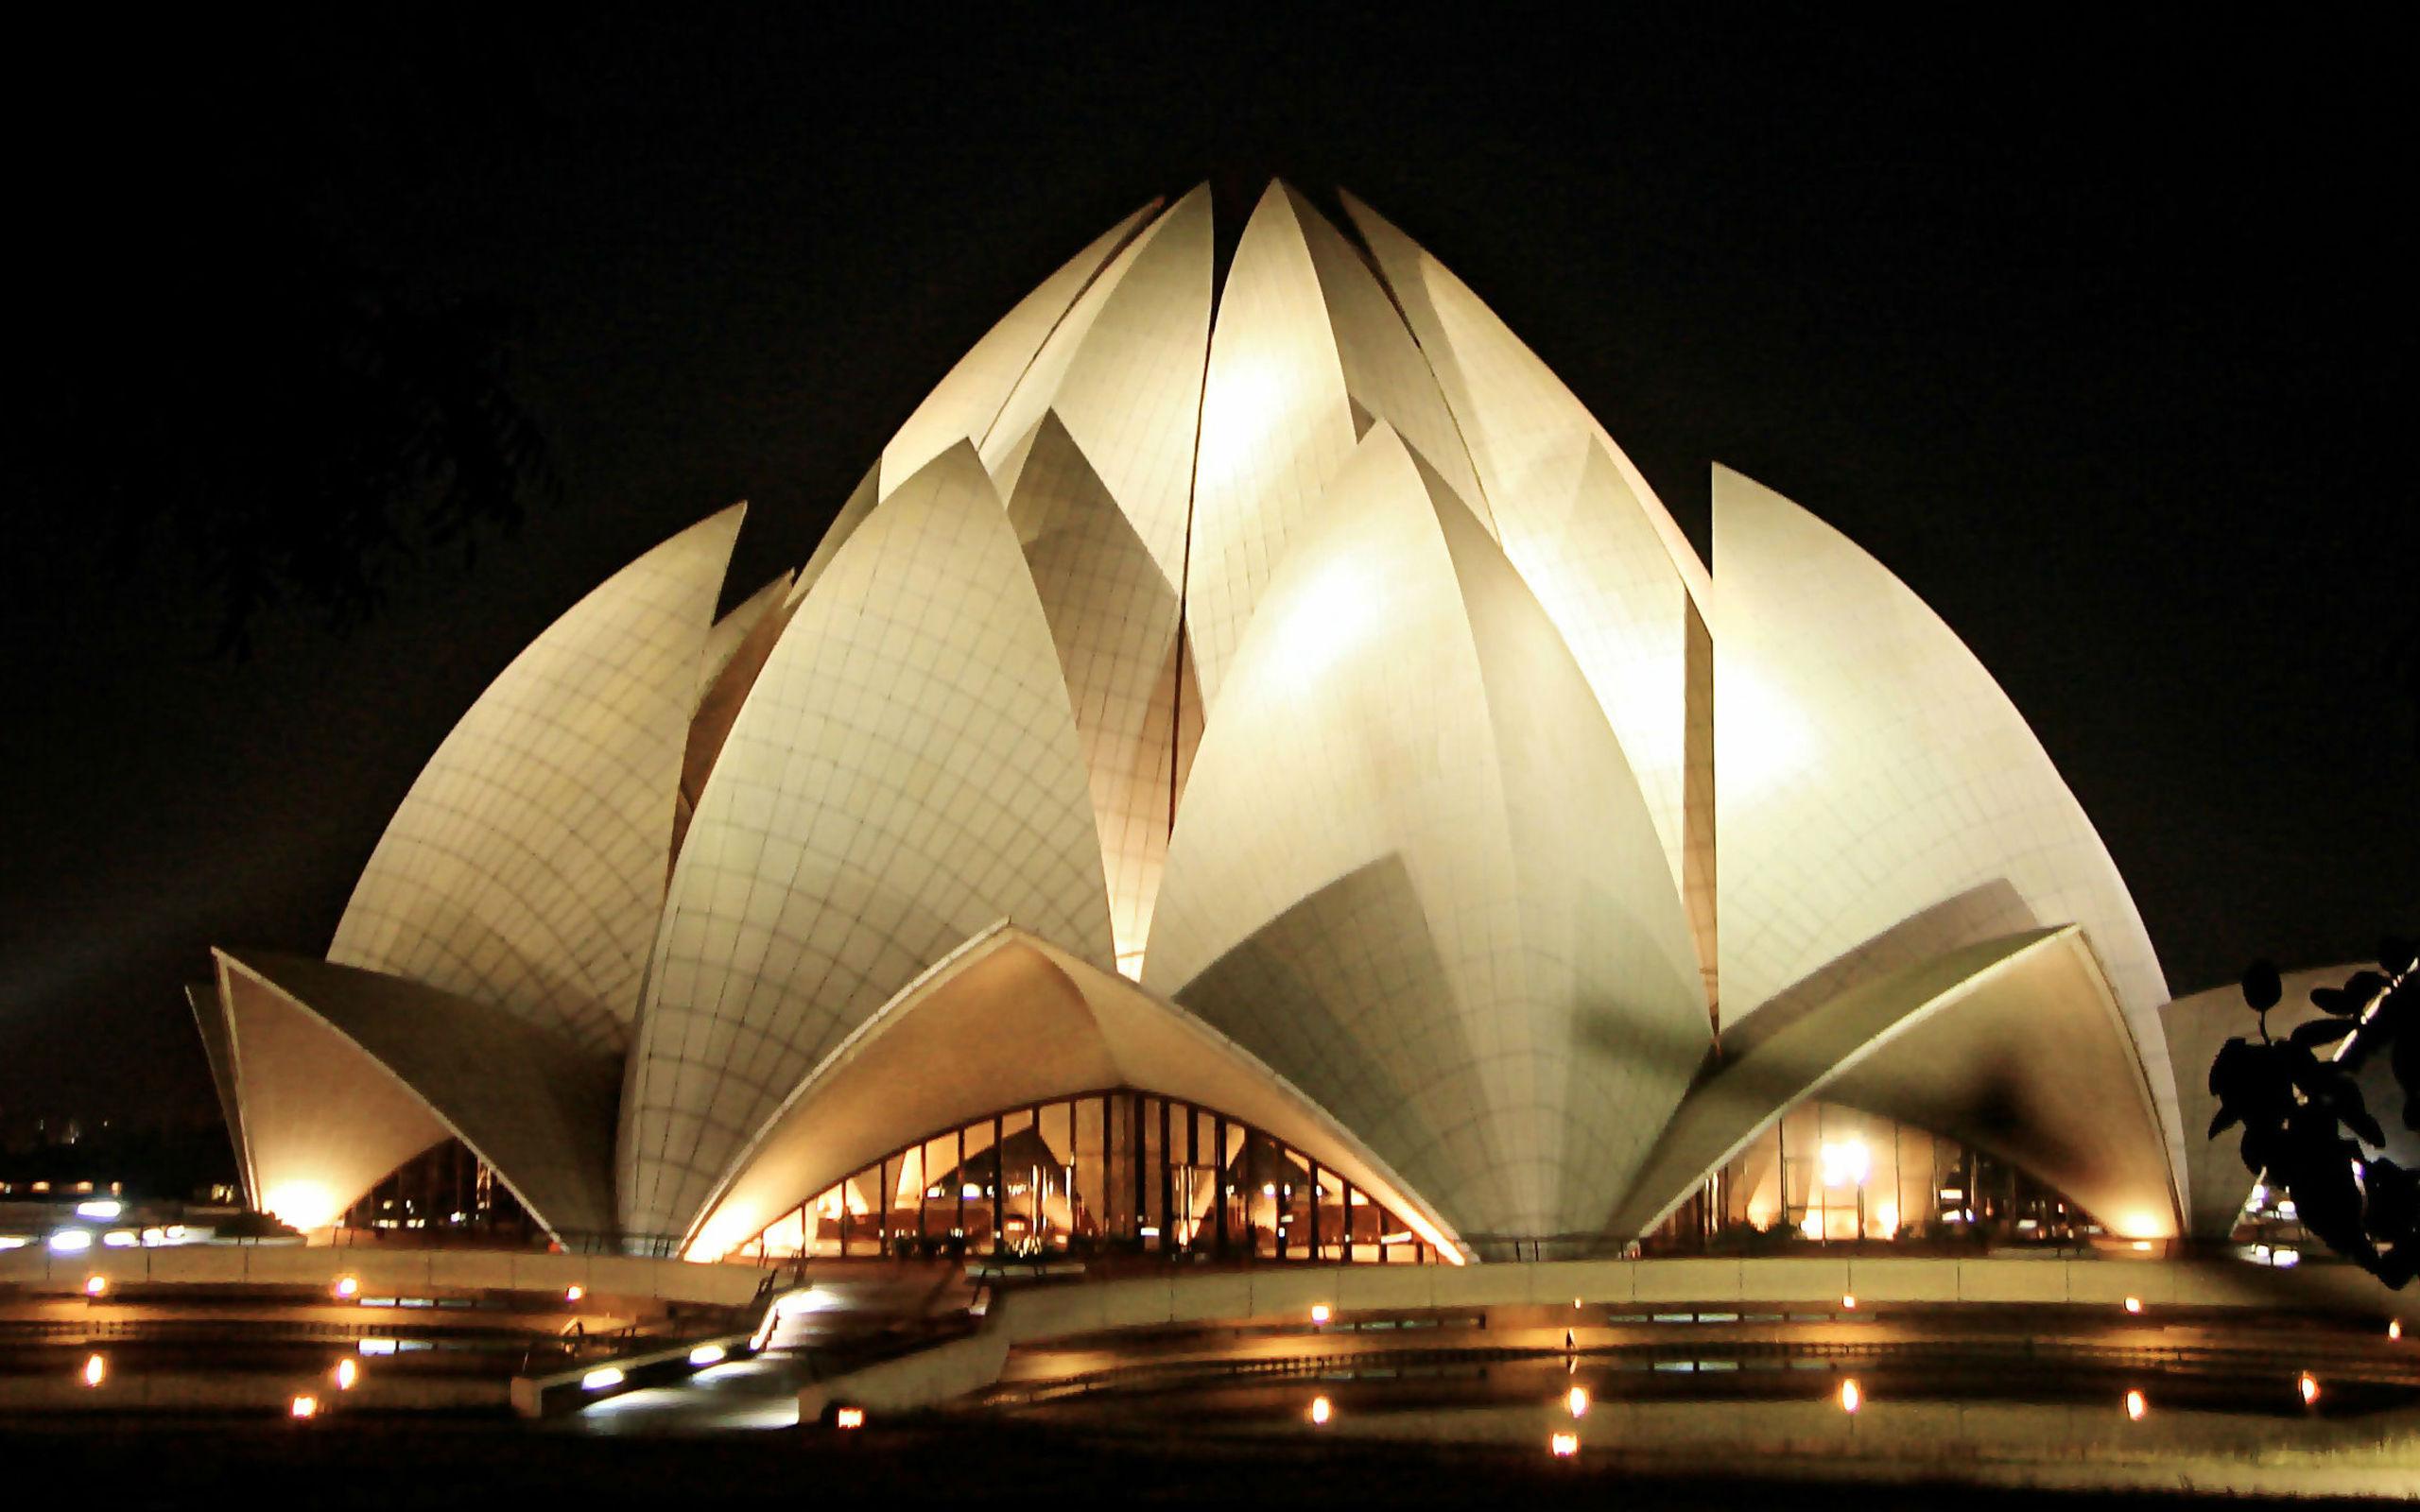 معماری عجیب ساختمانهایی که شبیه چیز دیگری هستند